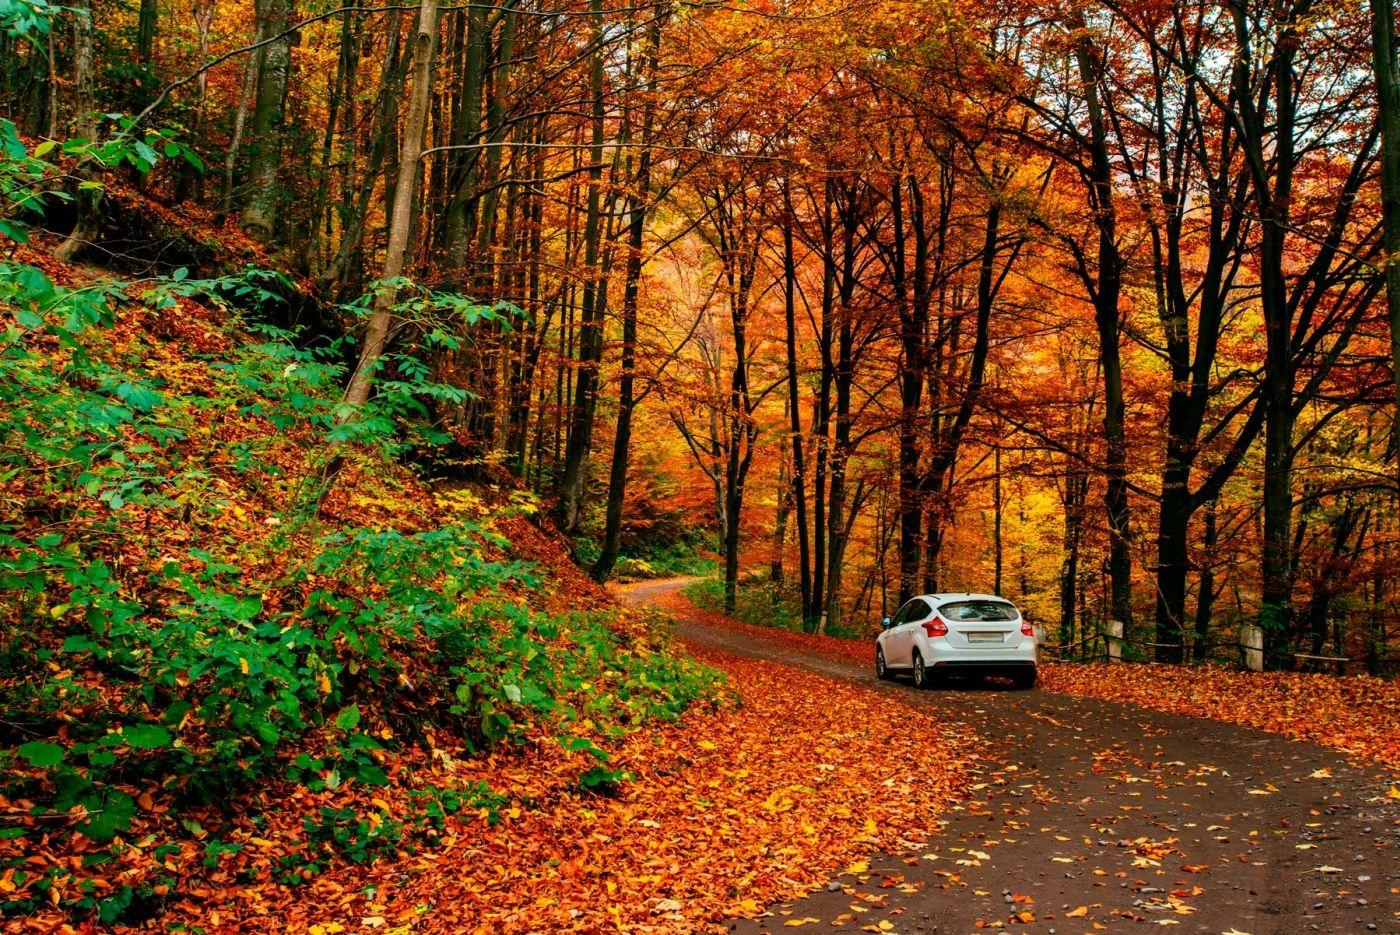 Rutas en coche a sitios impresionantes